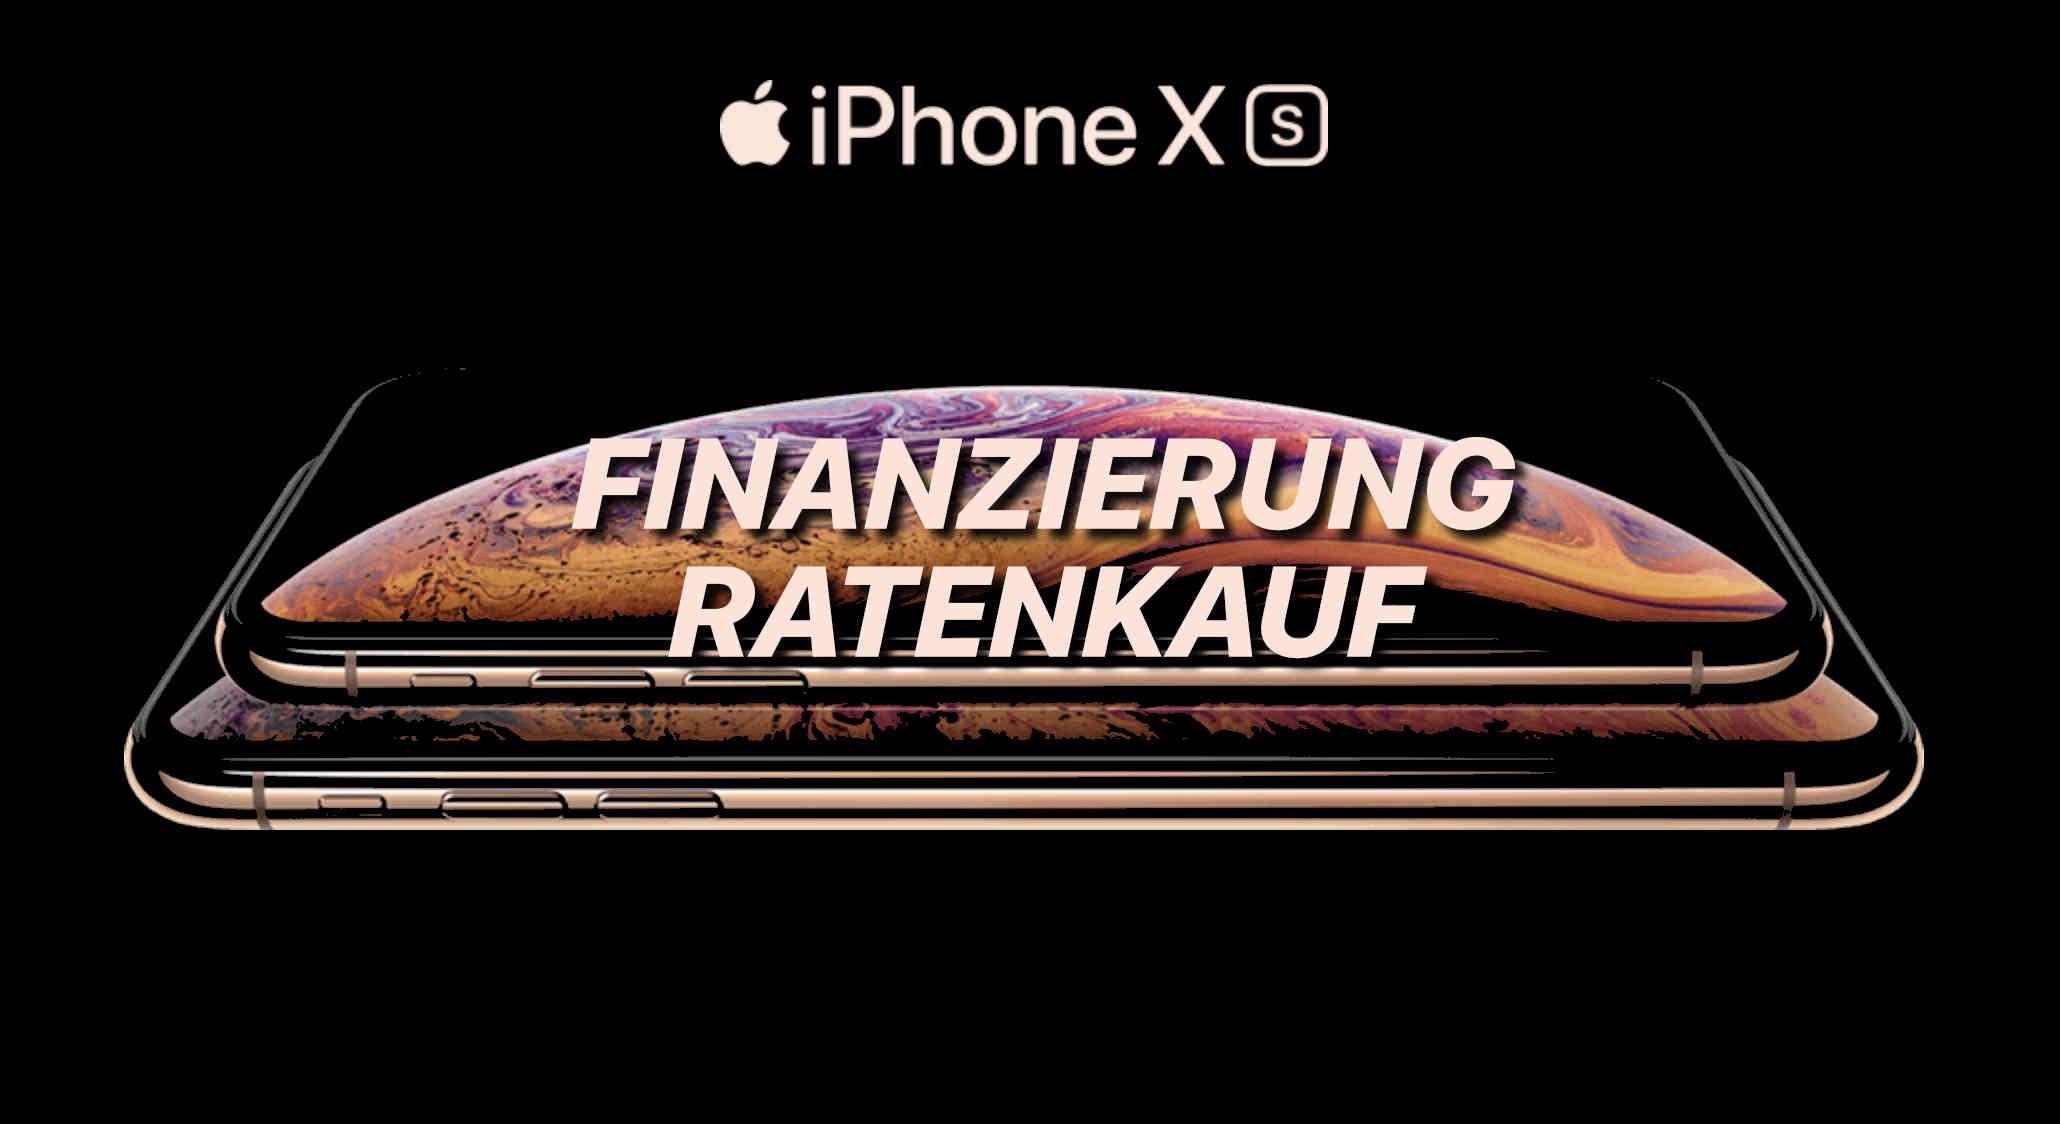 iPhone XS finanzieren (Ratenzahlung Ratenkauf) 1